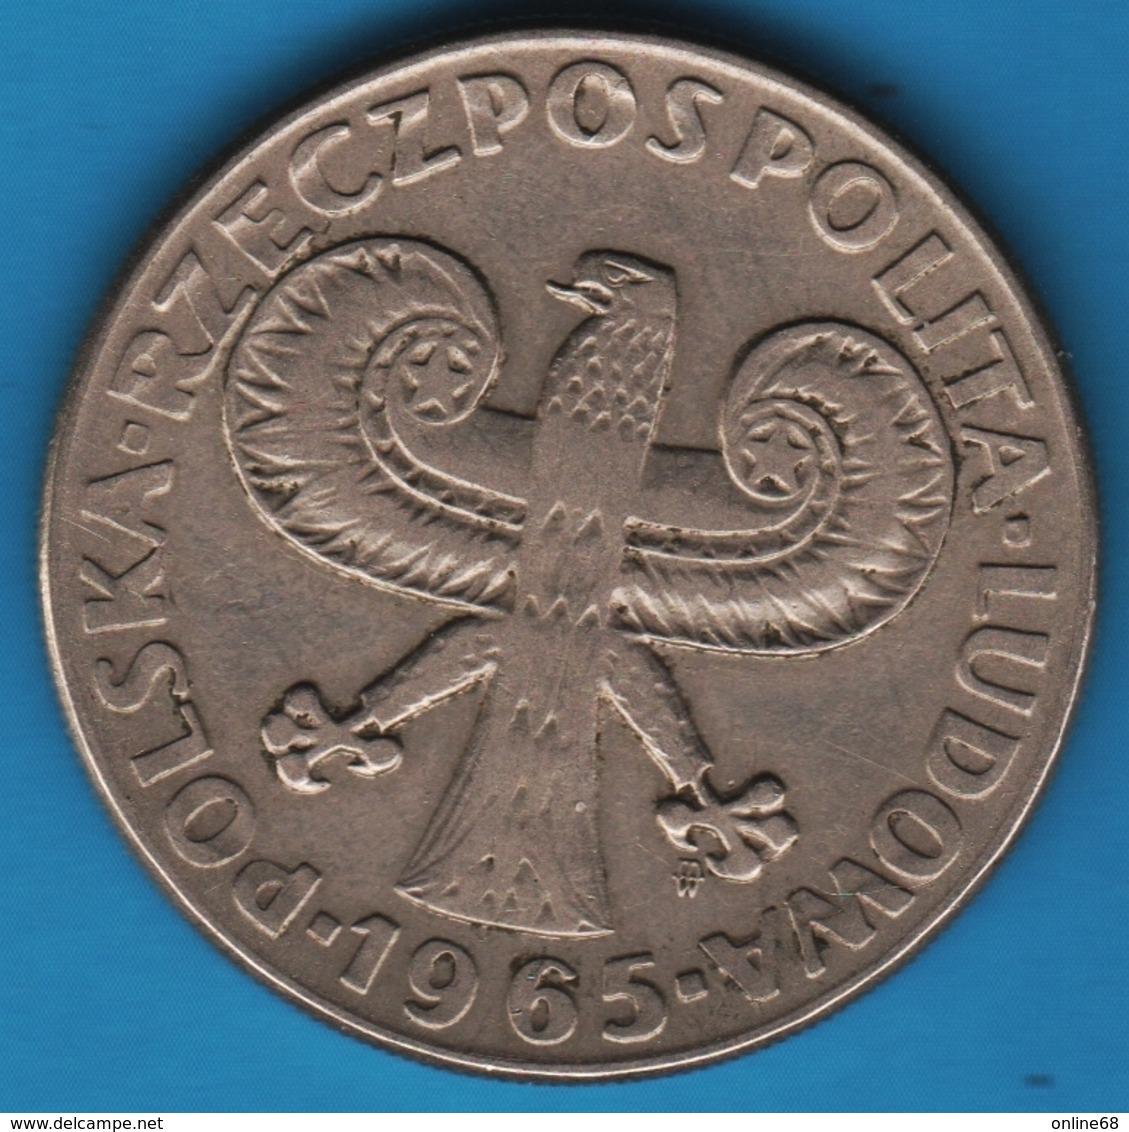 POLAND 10 ZLOTYCH 1965KM# 55 Colonne Sigismond III - Poland